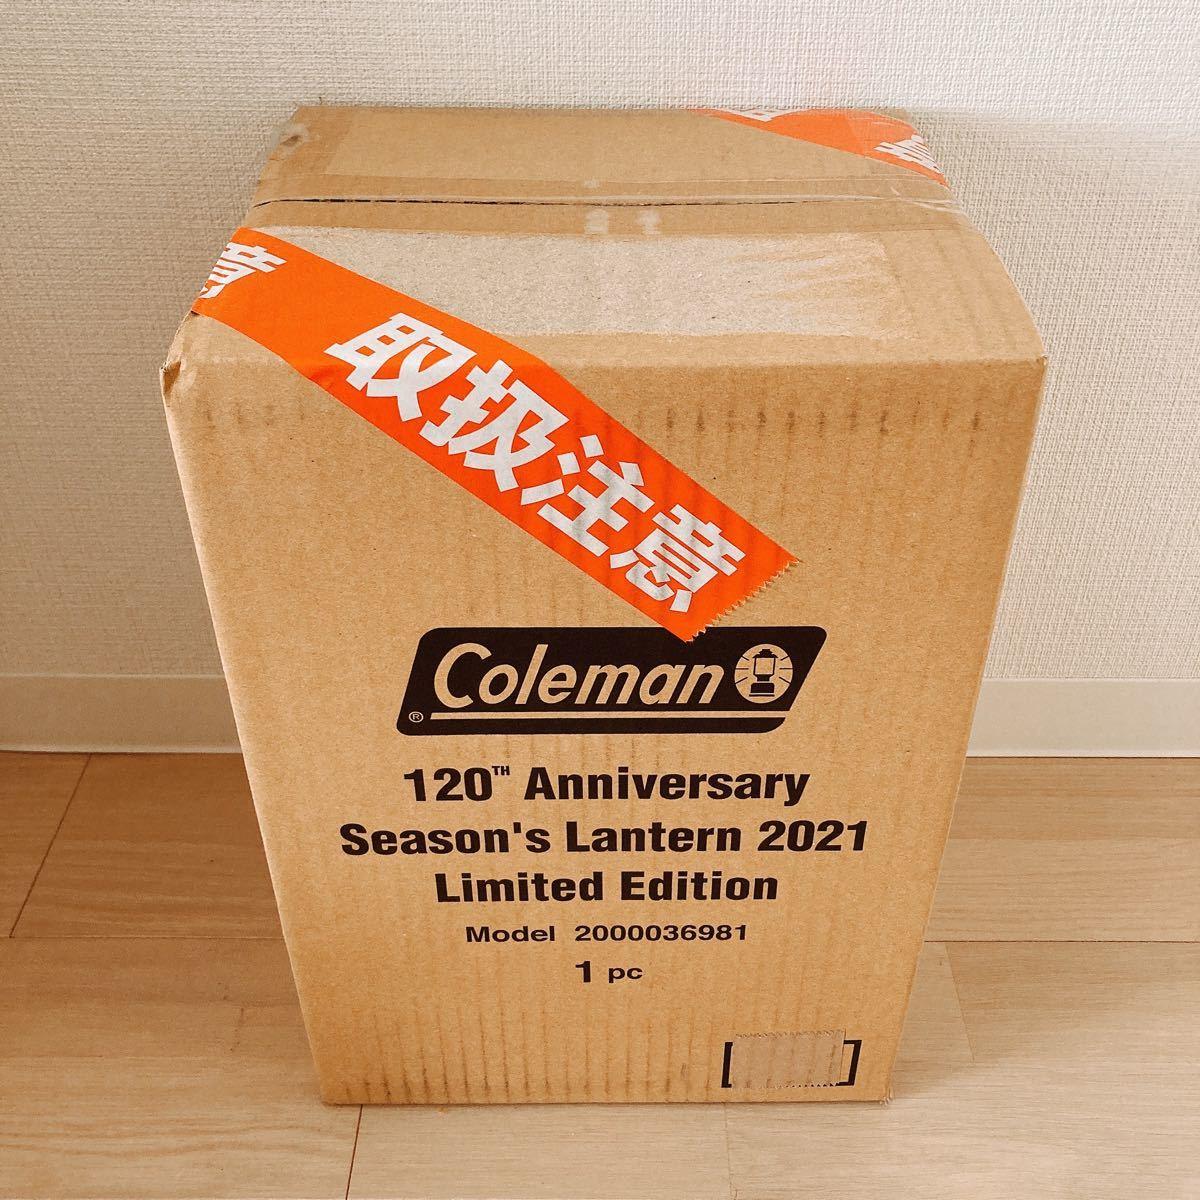 【新品未使用】コールマン シーズンズランタン2021 シーズンズランタン コールマン Lantern Coleman